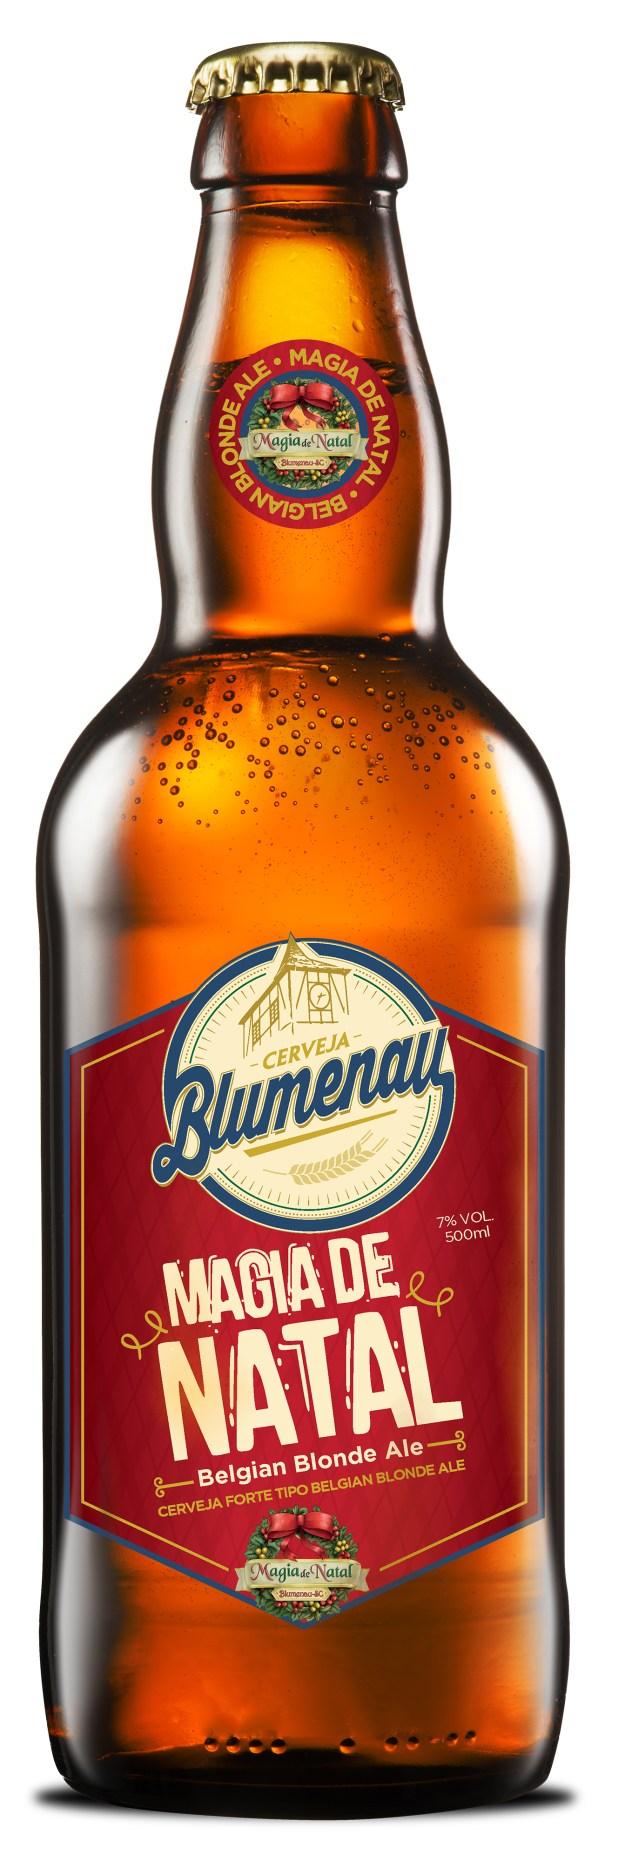 Cerveja Blumenau Magia de Natal será lançada oficialmente no dia 14 de novembro. Imagem: Reprodução